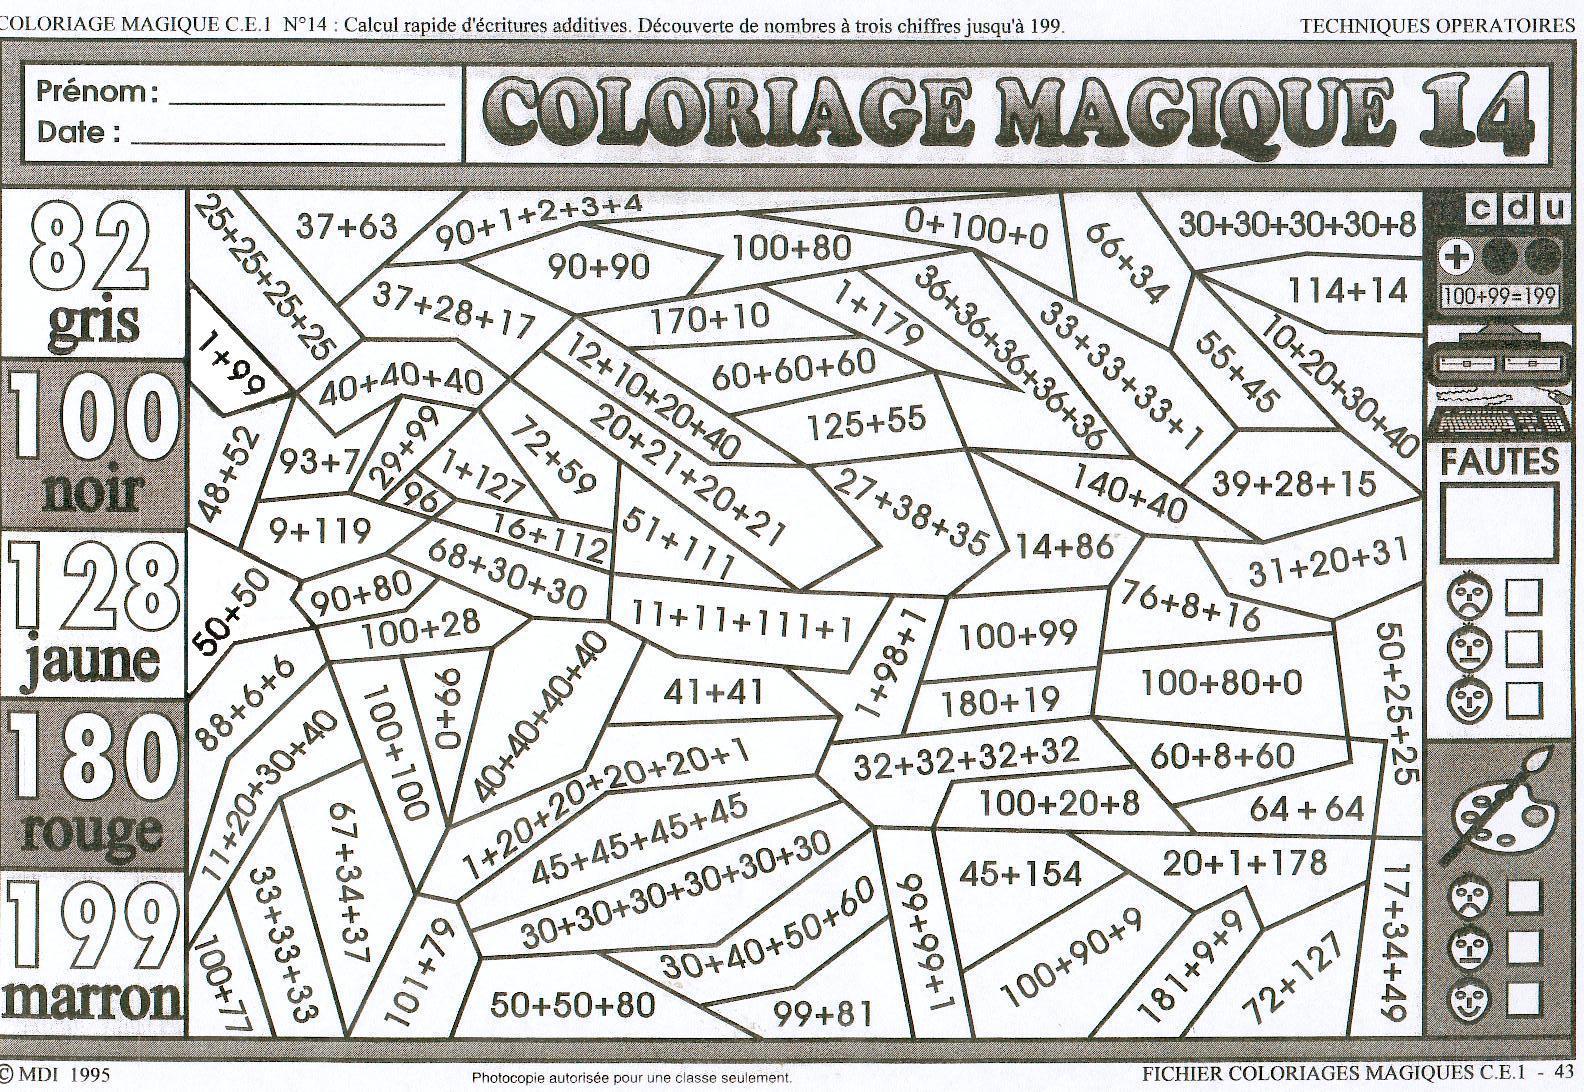 124 dessins de coloriage magique ce2 imprimer - Coloriage magique division cm1 ...